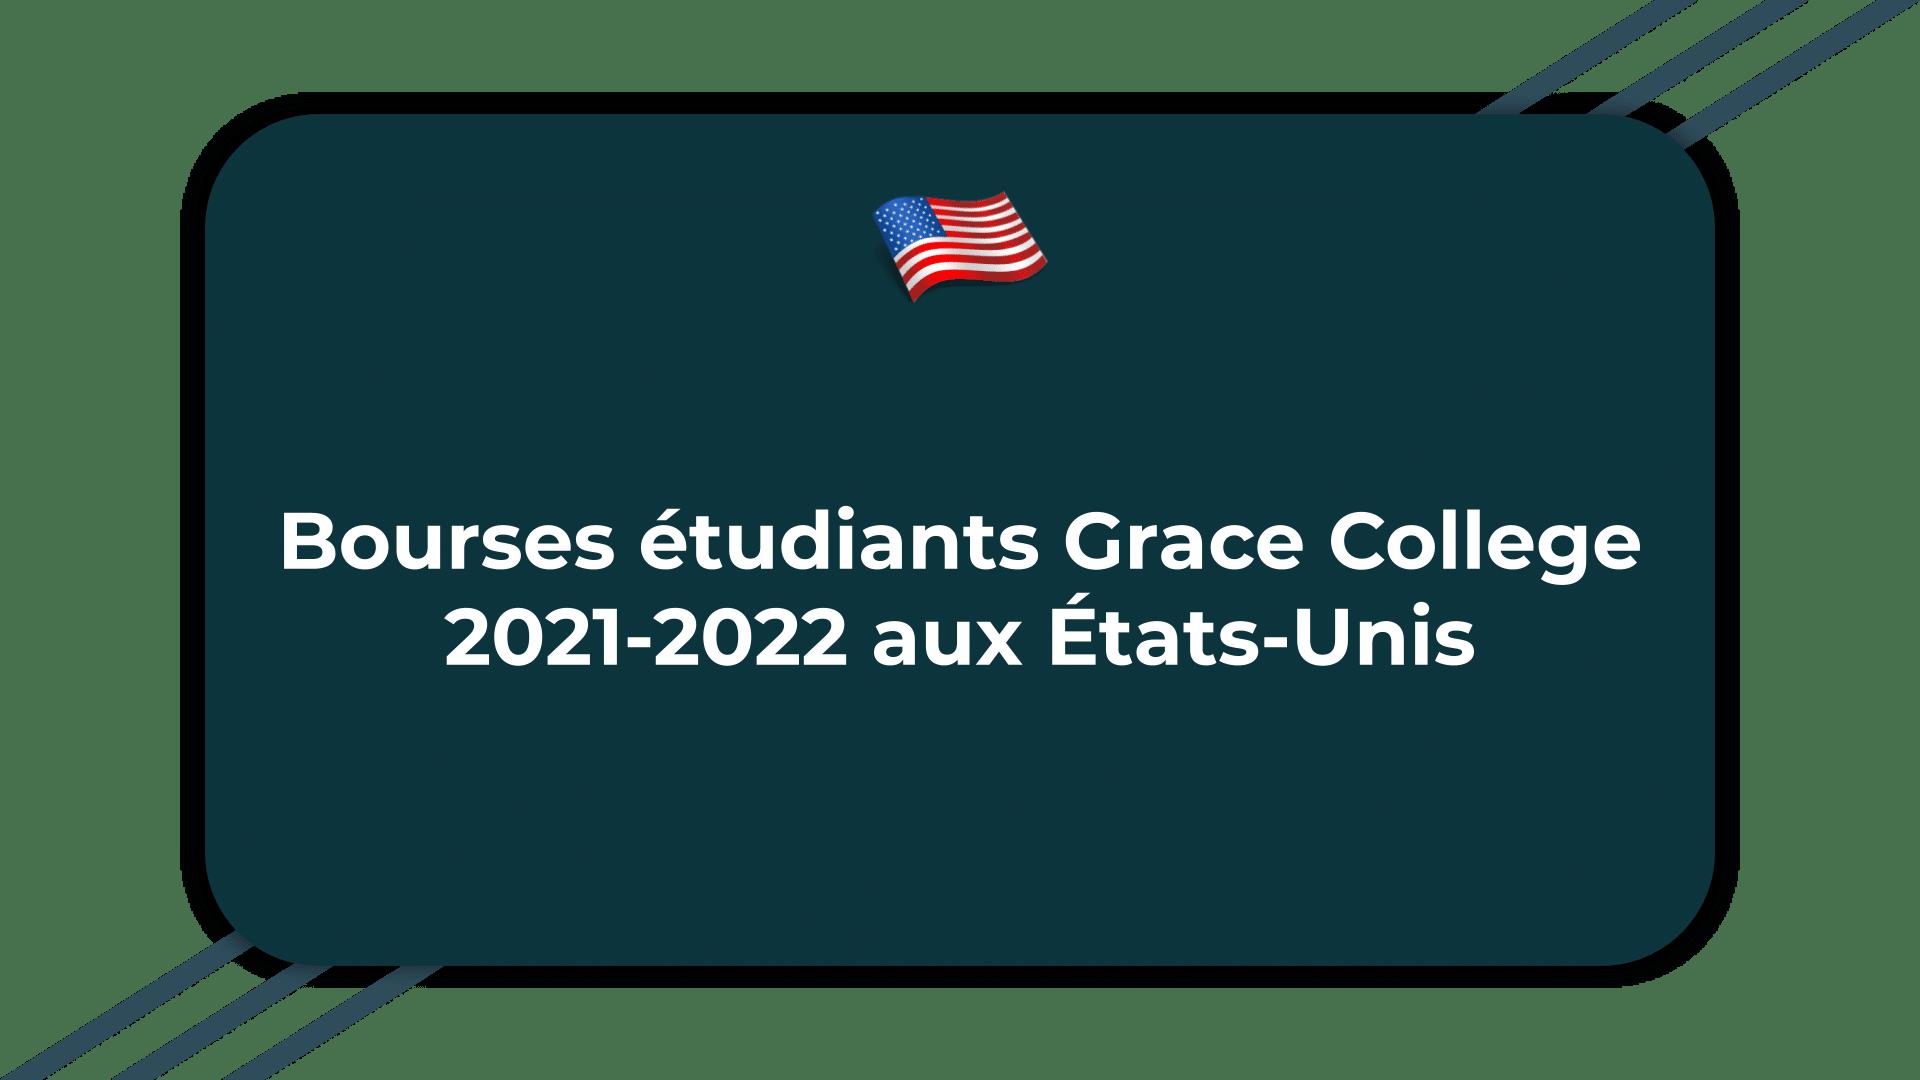 Bourses étudiants Grace College